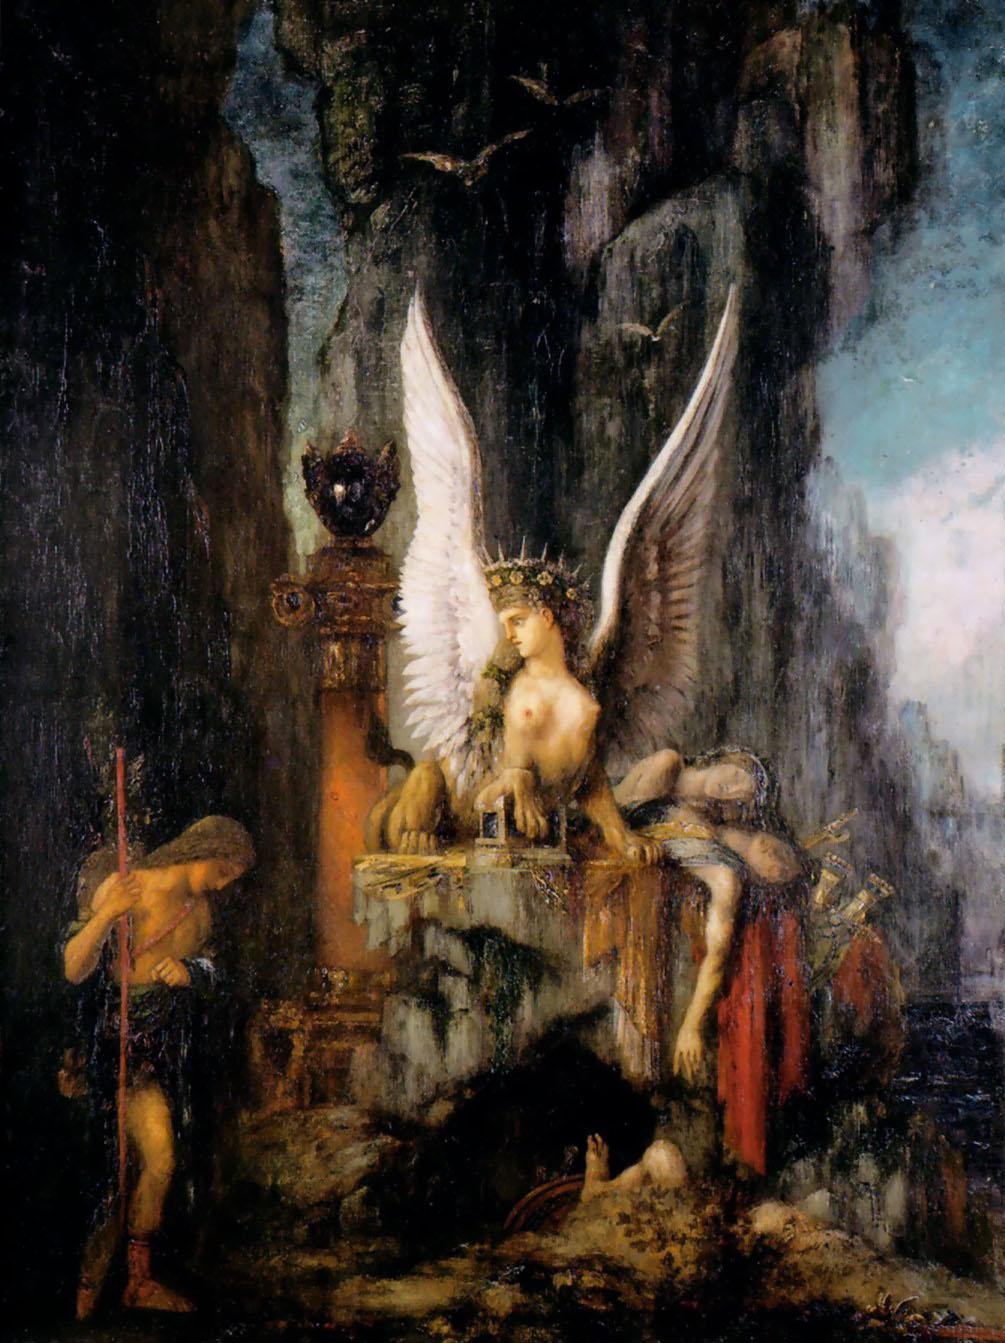 1888_Странник Эдип (Метц, Музей истории искусства)